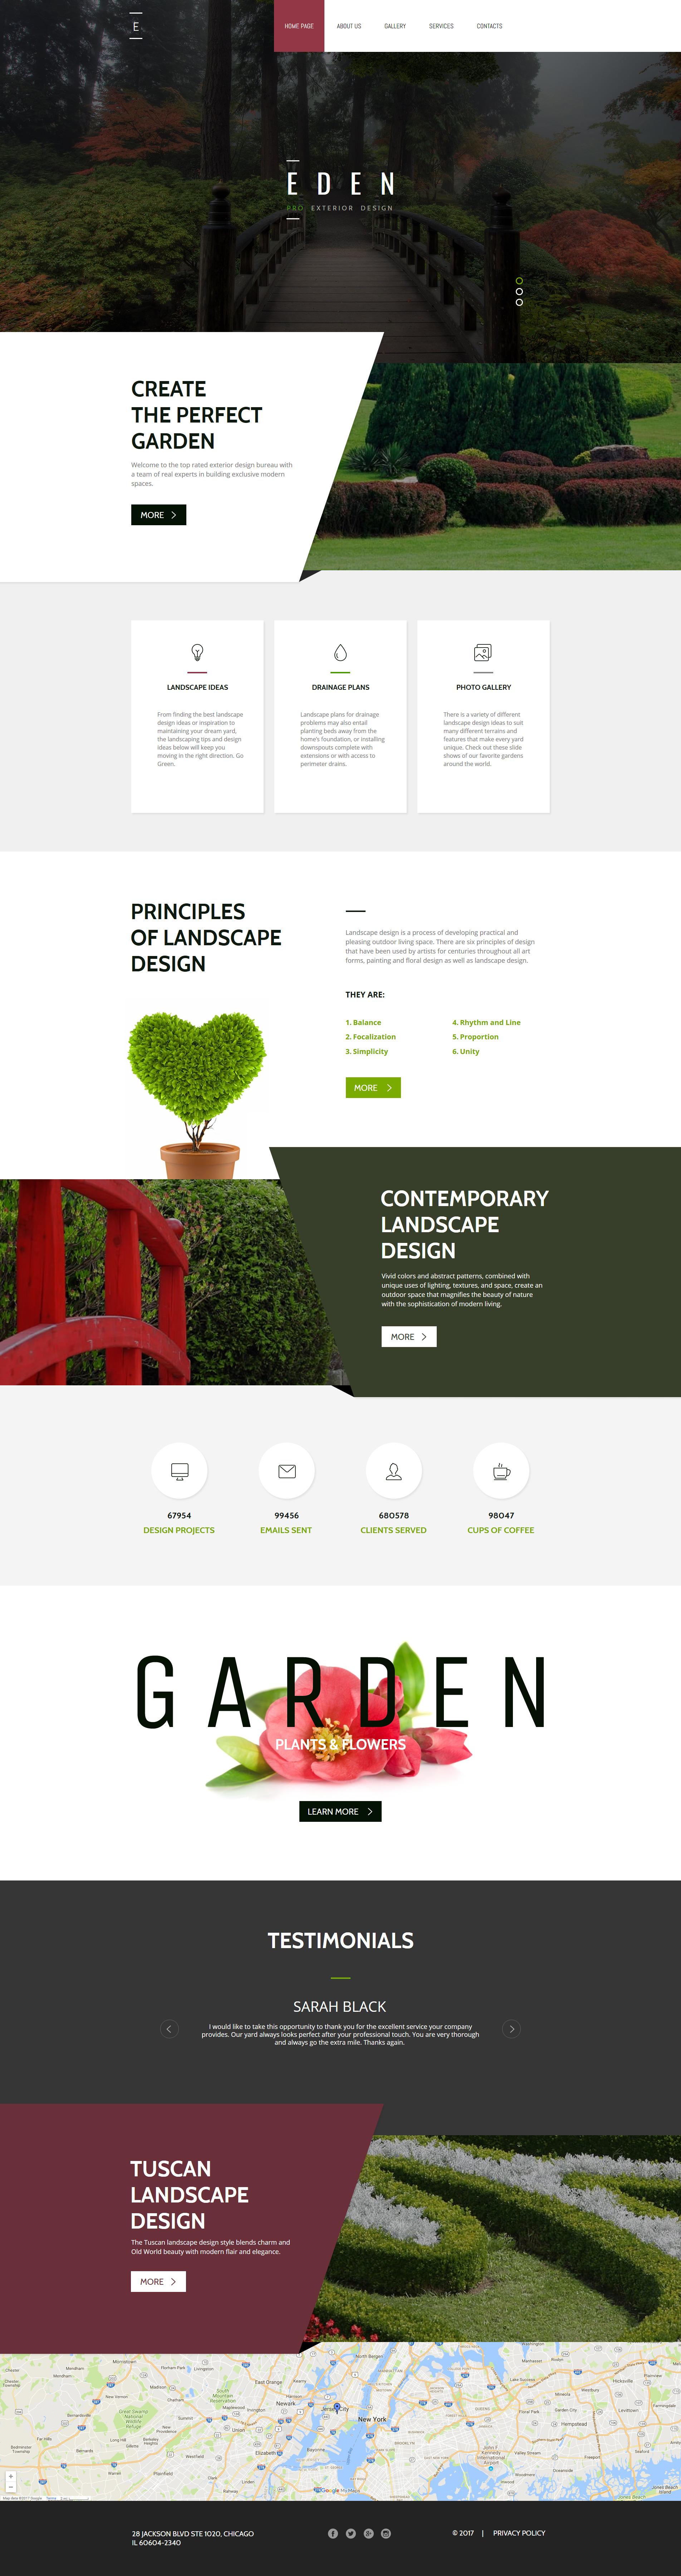 Responsywny szablon Moto CMS HTML #63447 na temat: projektowanie ogrodów